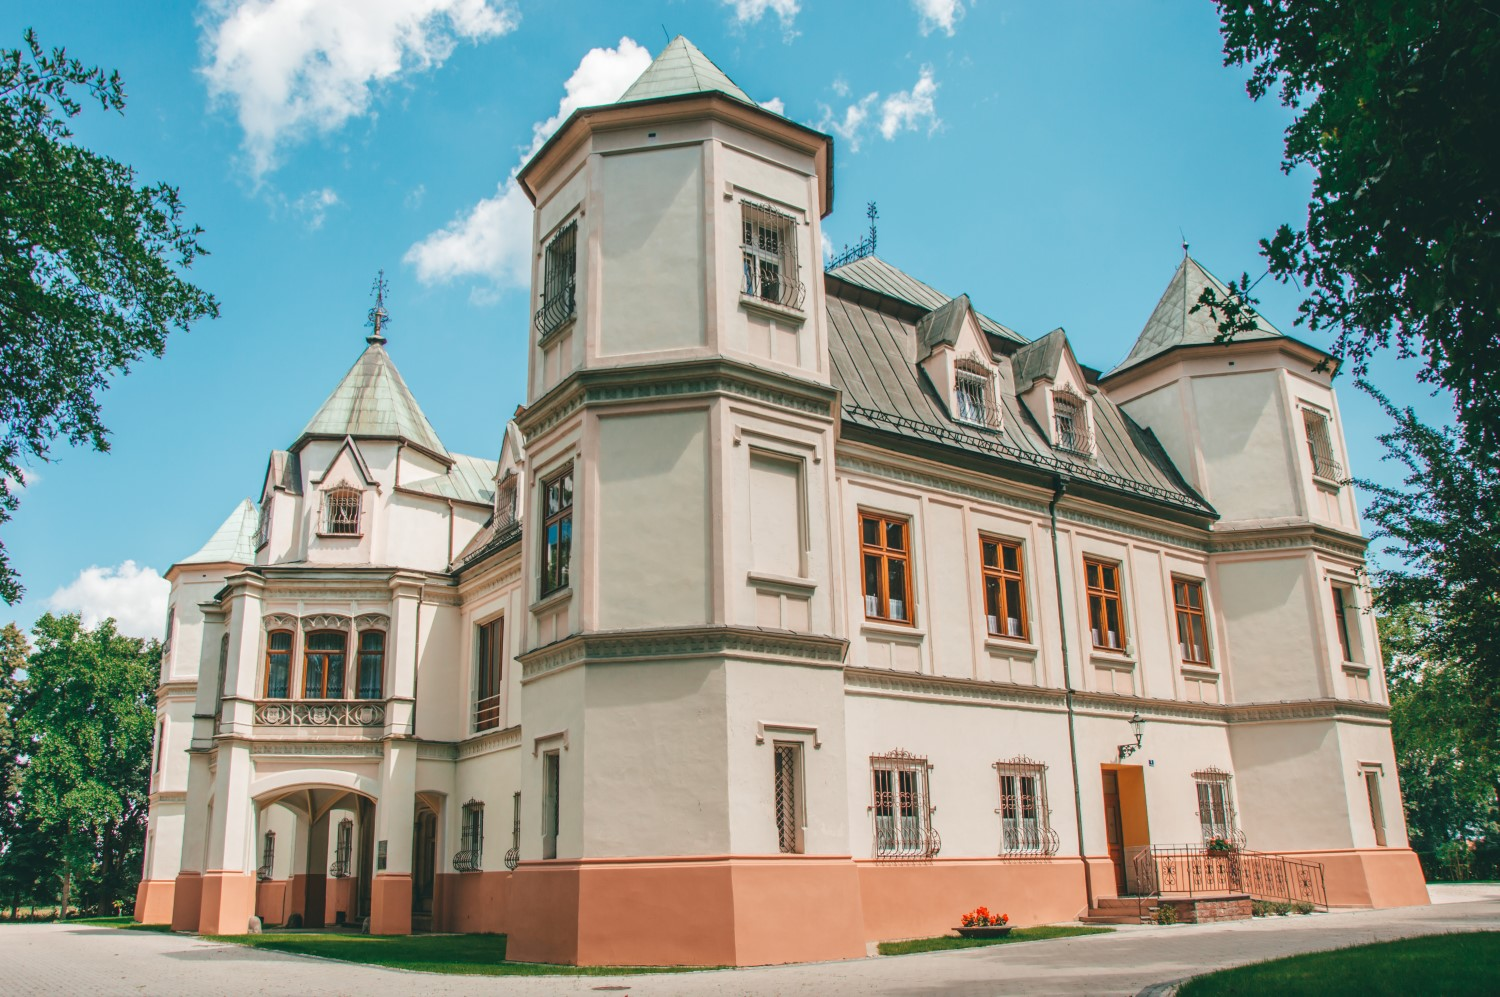 Pałac w Krzyżanowicach, Śląsk - bele kaj - blog podróżniczy